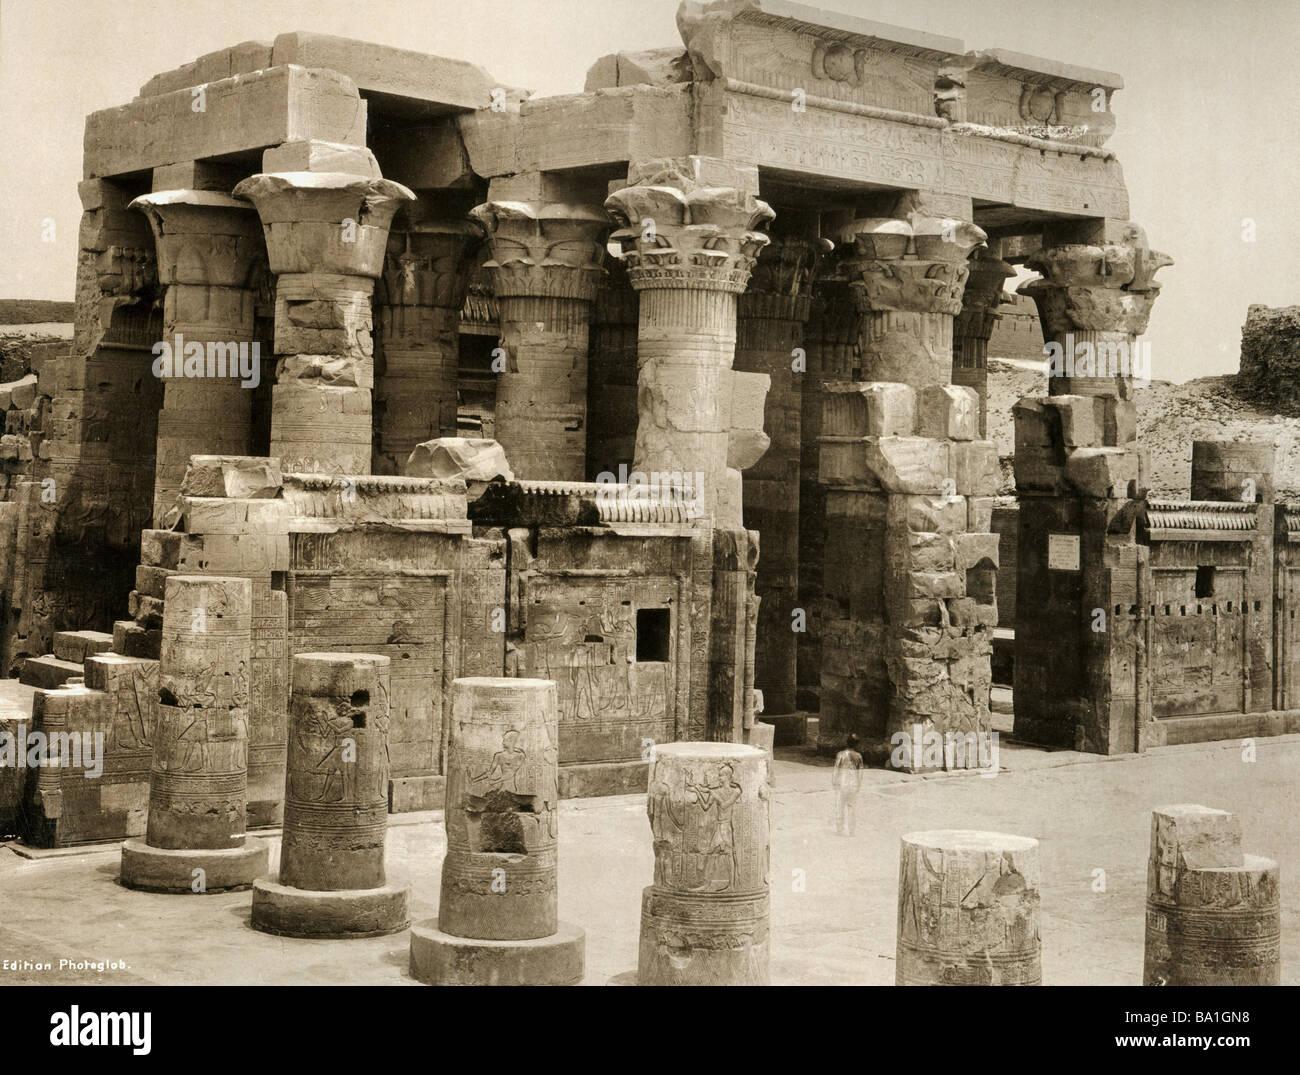 Geografia / viaggi, Egitto, Kom Ombo, Tempio di divinità Sobek e Haroeris, hypostyle hall, vista Edition Photoglob, Immagini Stock